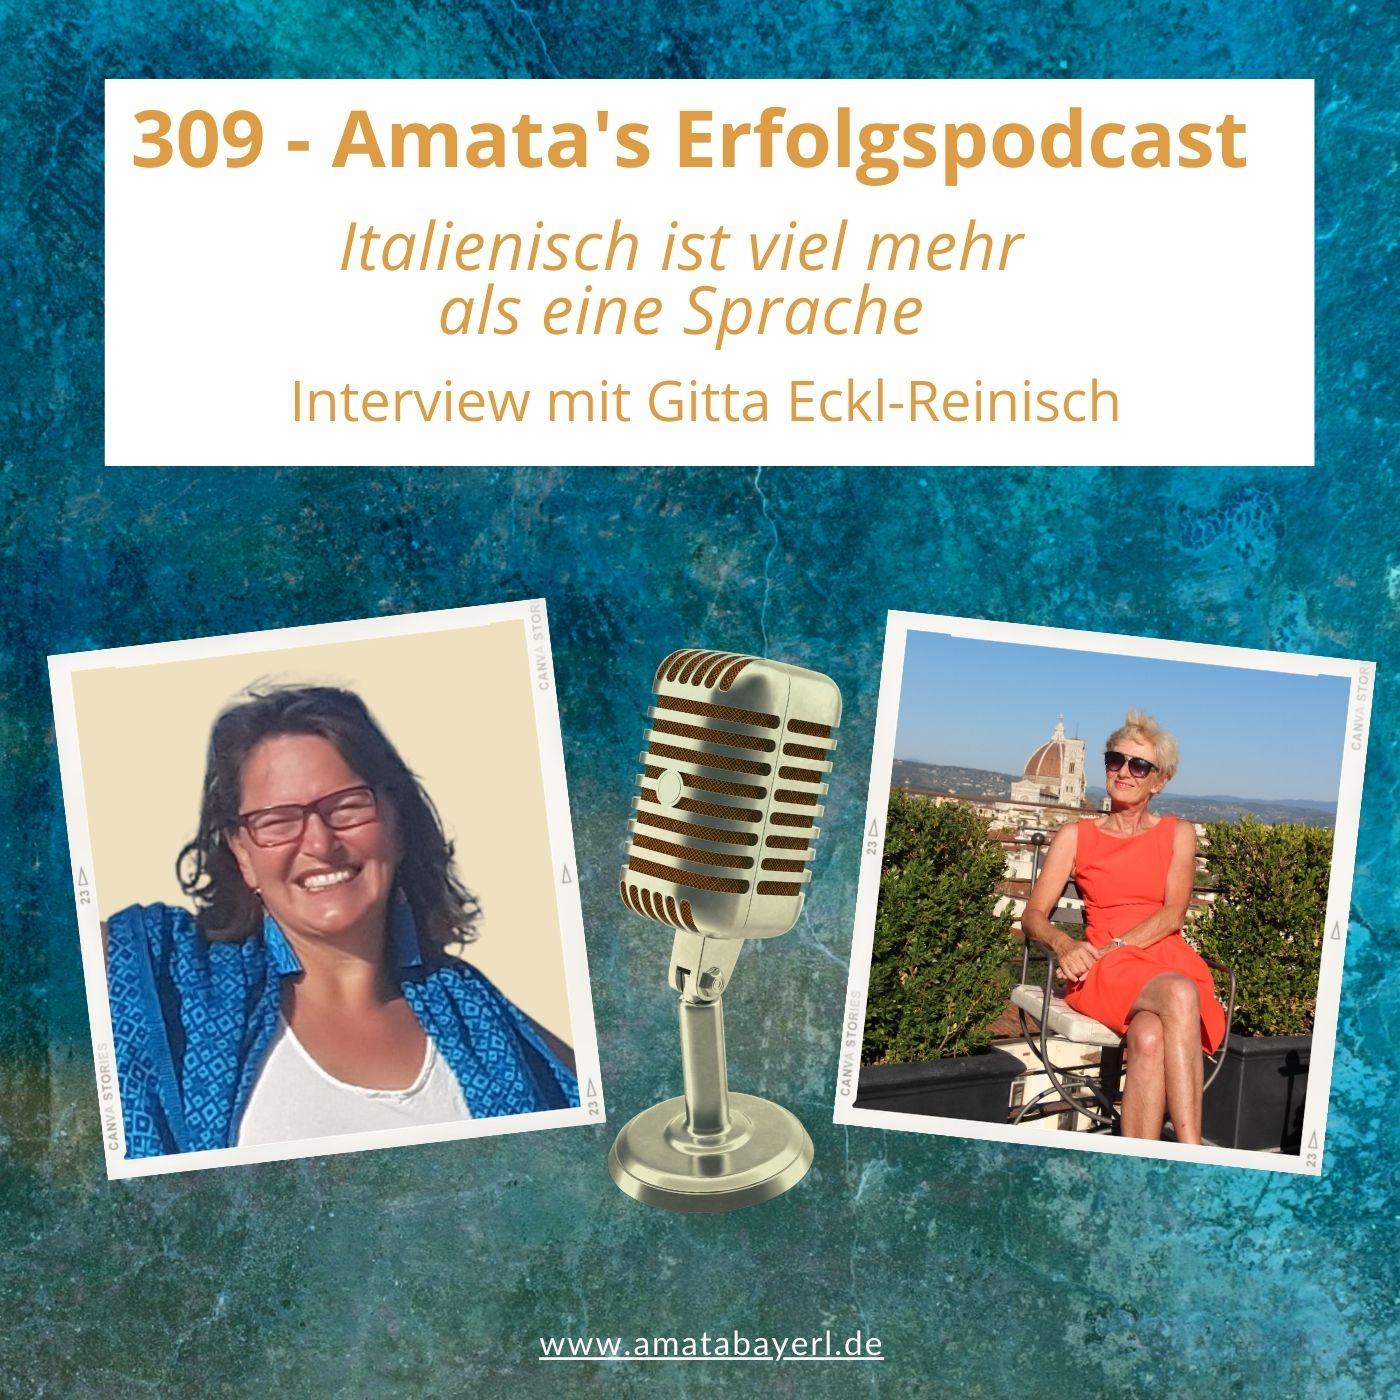 309 – Italienisch ist viel mehr als eine Sprache - Interview mit Gitta Eckl-Reinisch